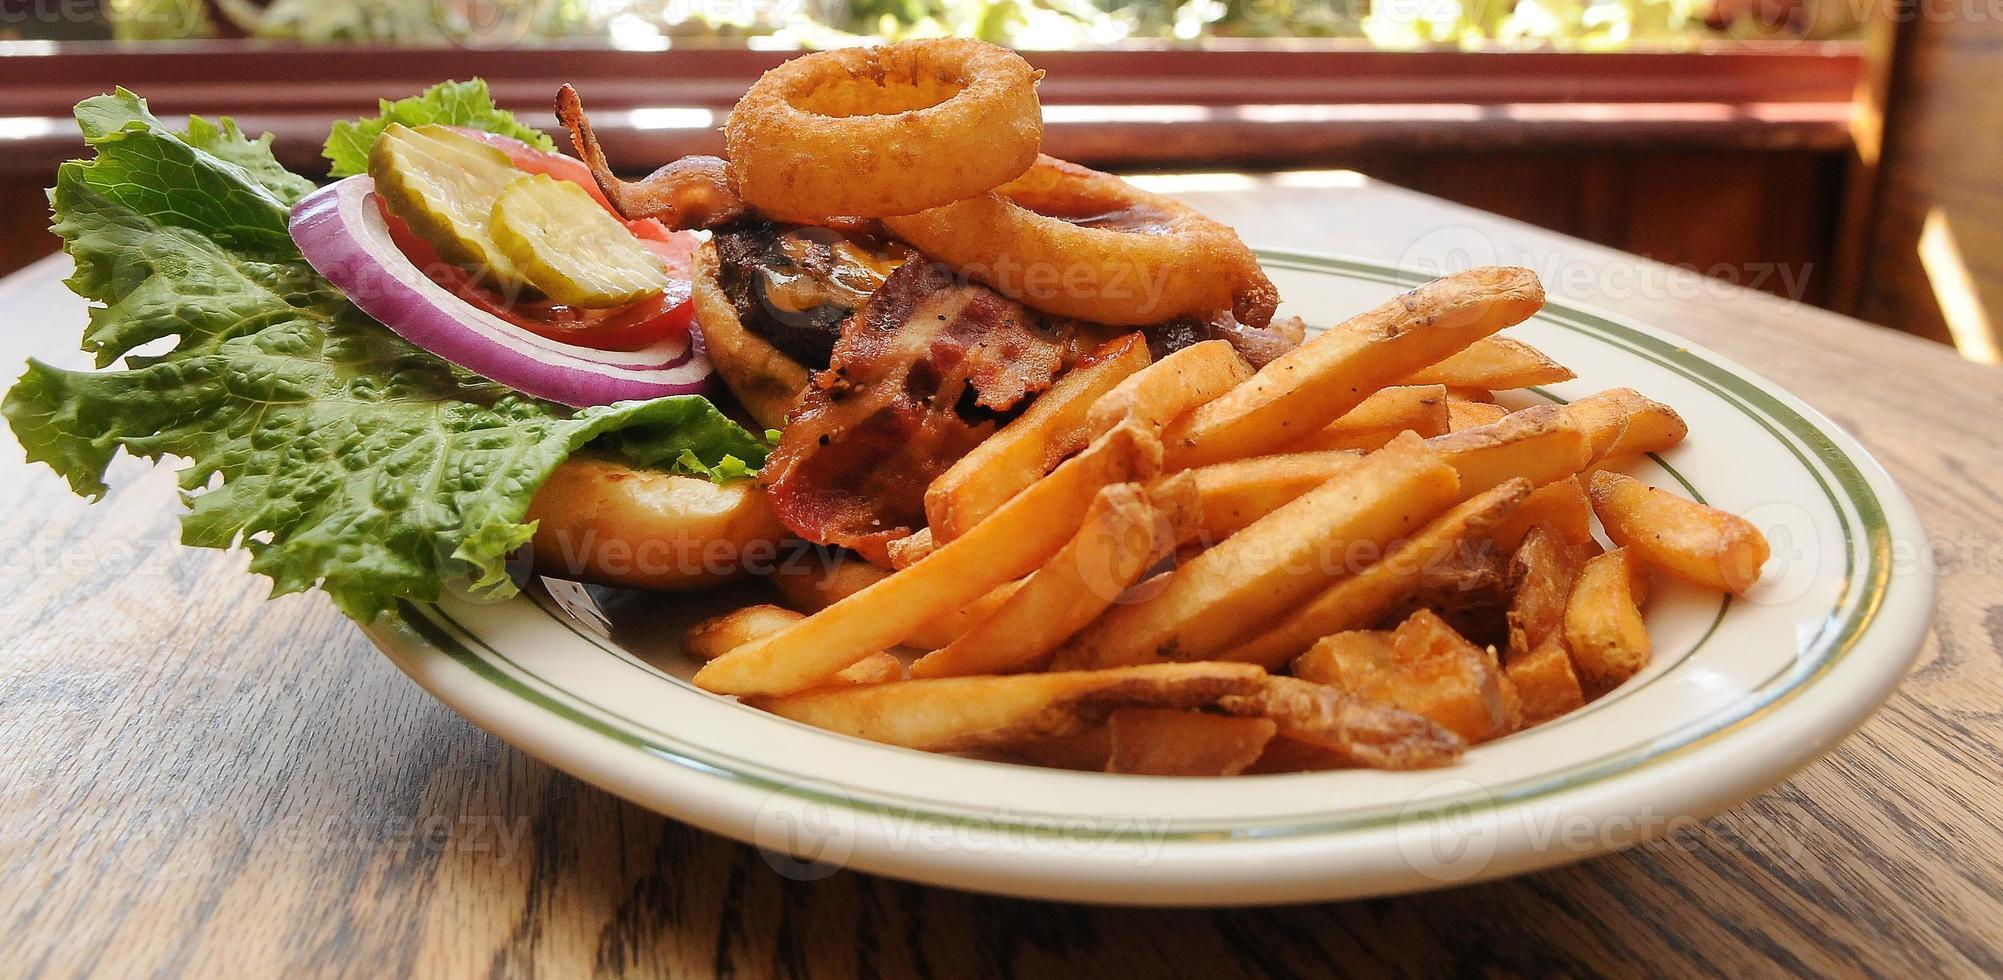 cebola, cheddar, bacon, hambúrguer, começo foto